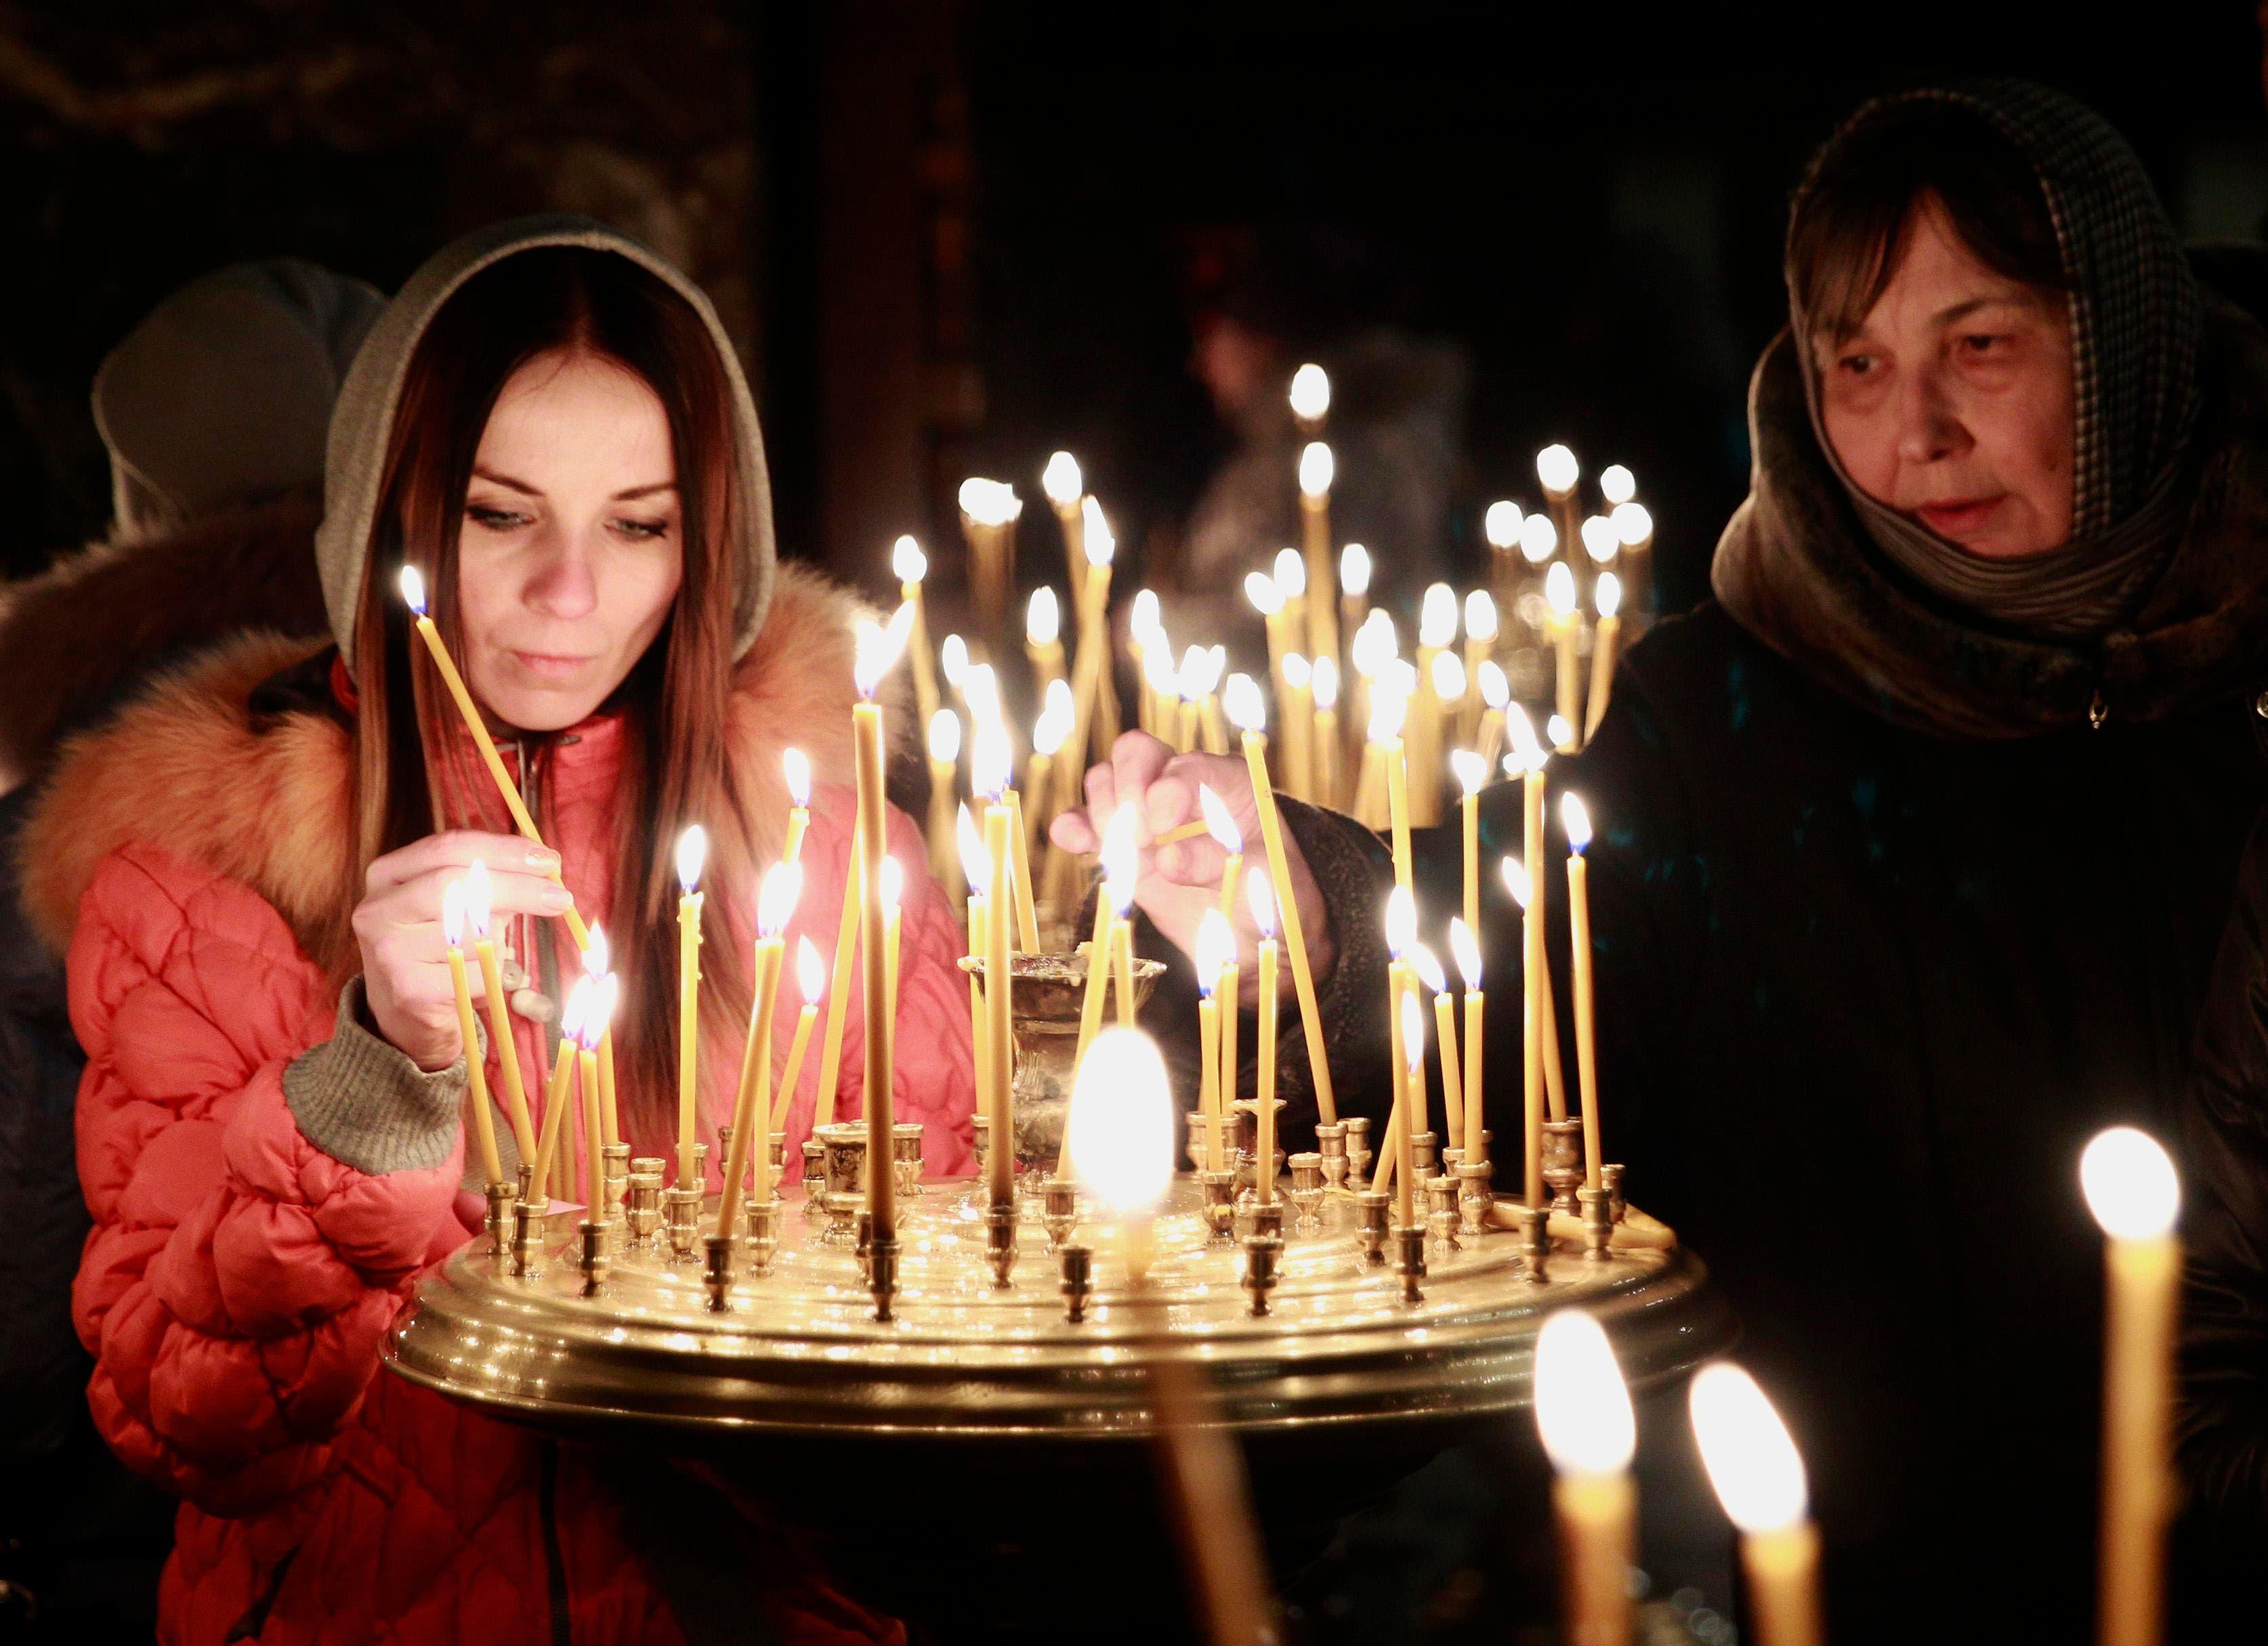 اهالي ضحايا الاشتباكات بين قوات الامن والمعارضين يضيئون الشموع في كنيسة في اوكرانيا